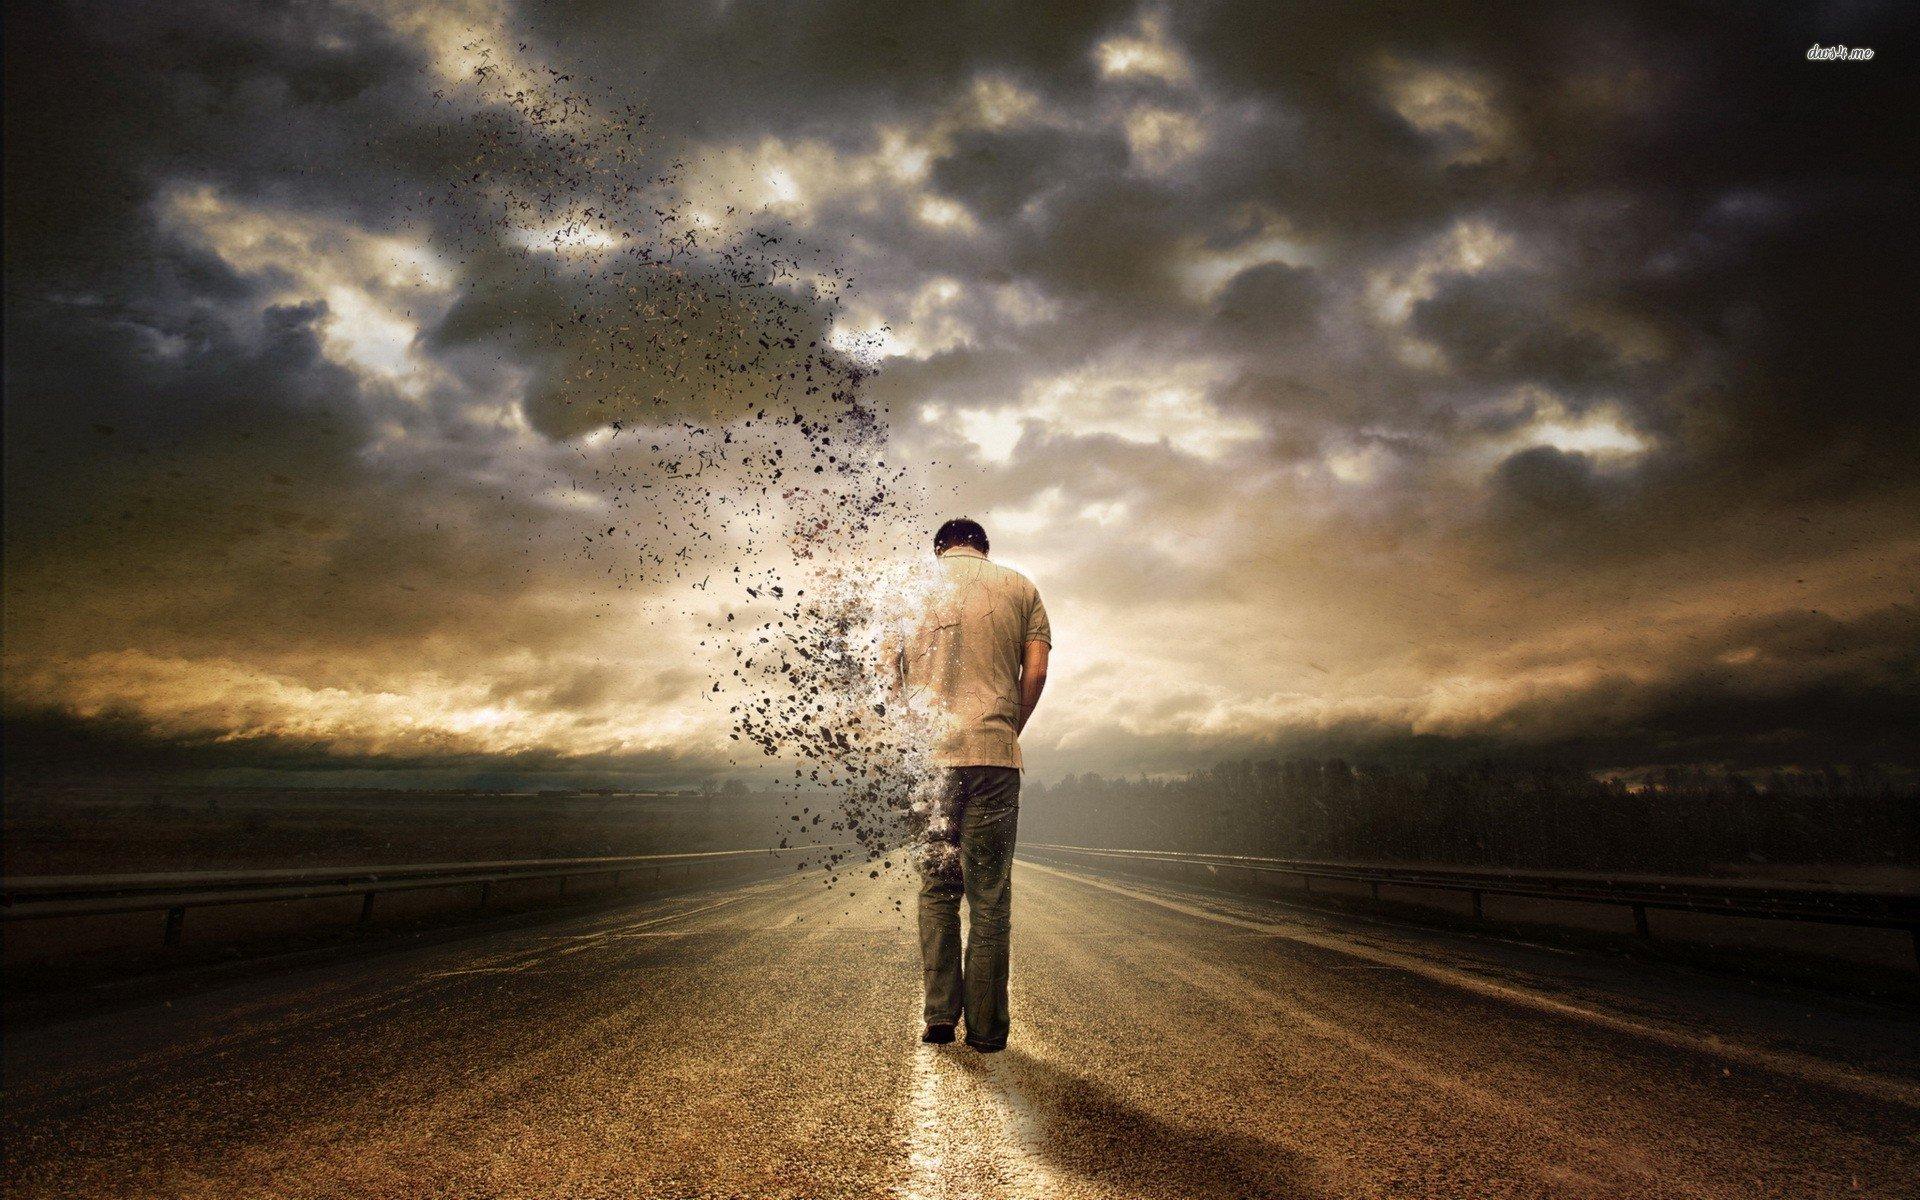 картинка одиночка по жизни можете выбрать